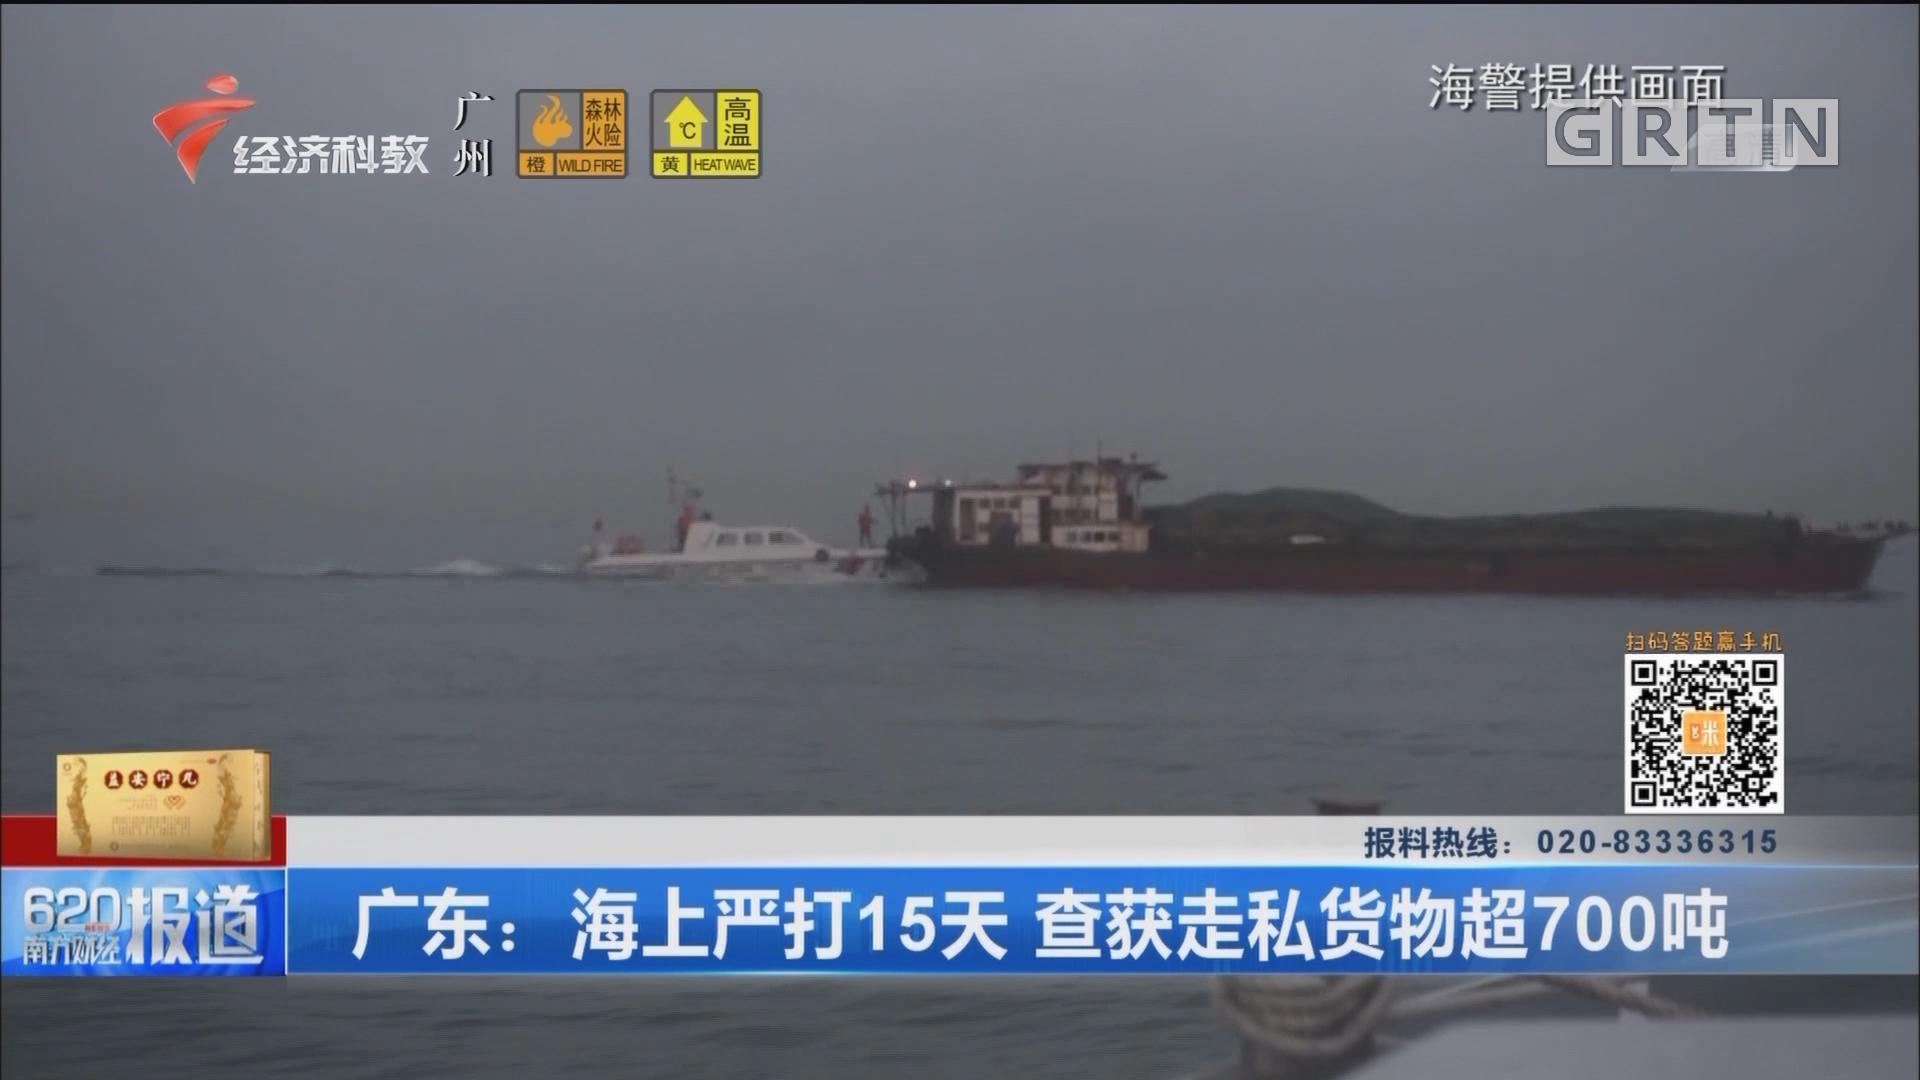 廣東:海上嚴打15天 查獲走私貨物超700噸